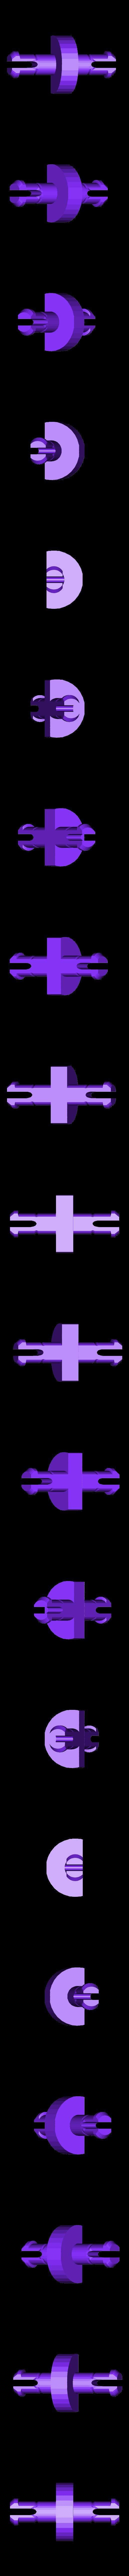 T-34-76 - wheel_connector-for-small-wheel.stl Télécharger fichier STL T-34/76 pour l'assemblage, avec voies mobiles • Objet pour imprimante 3D, c47